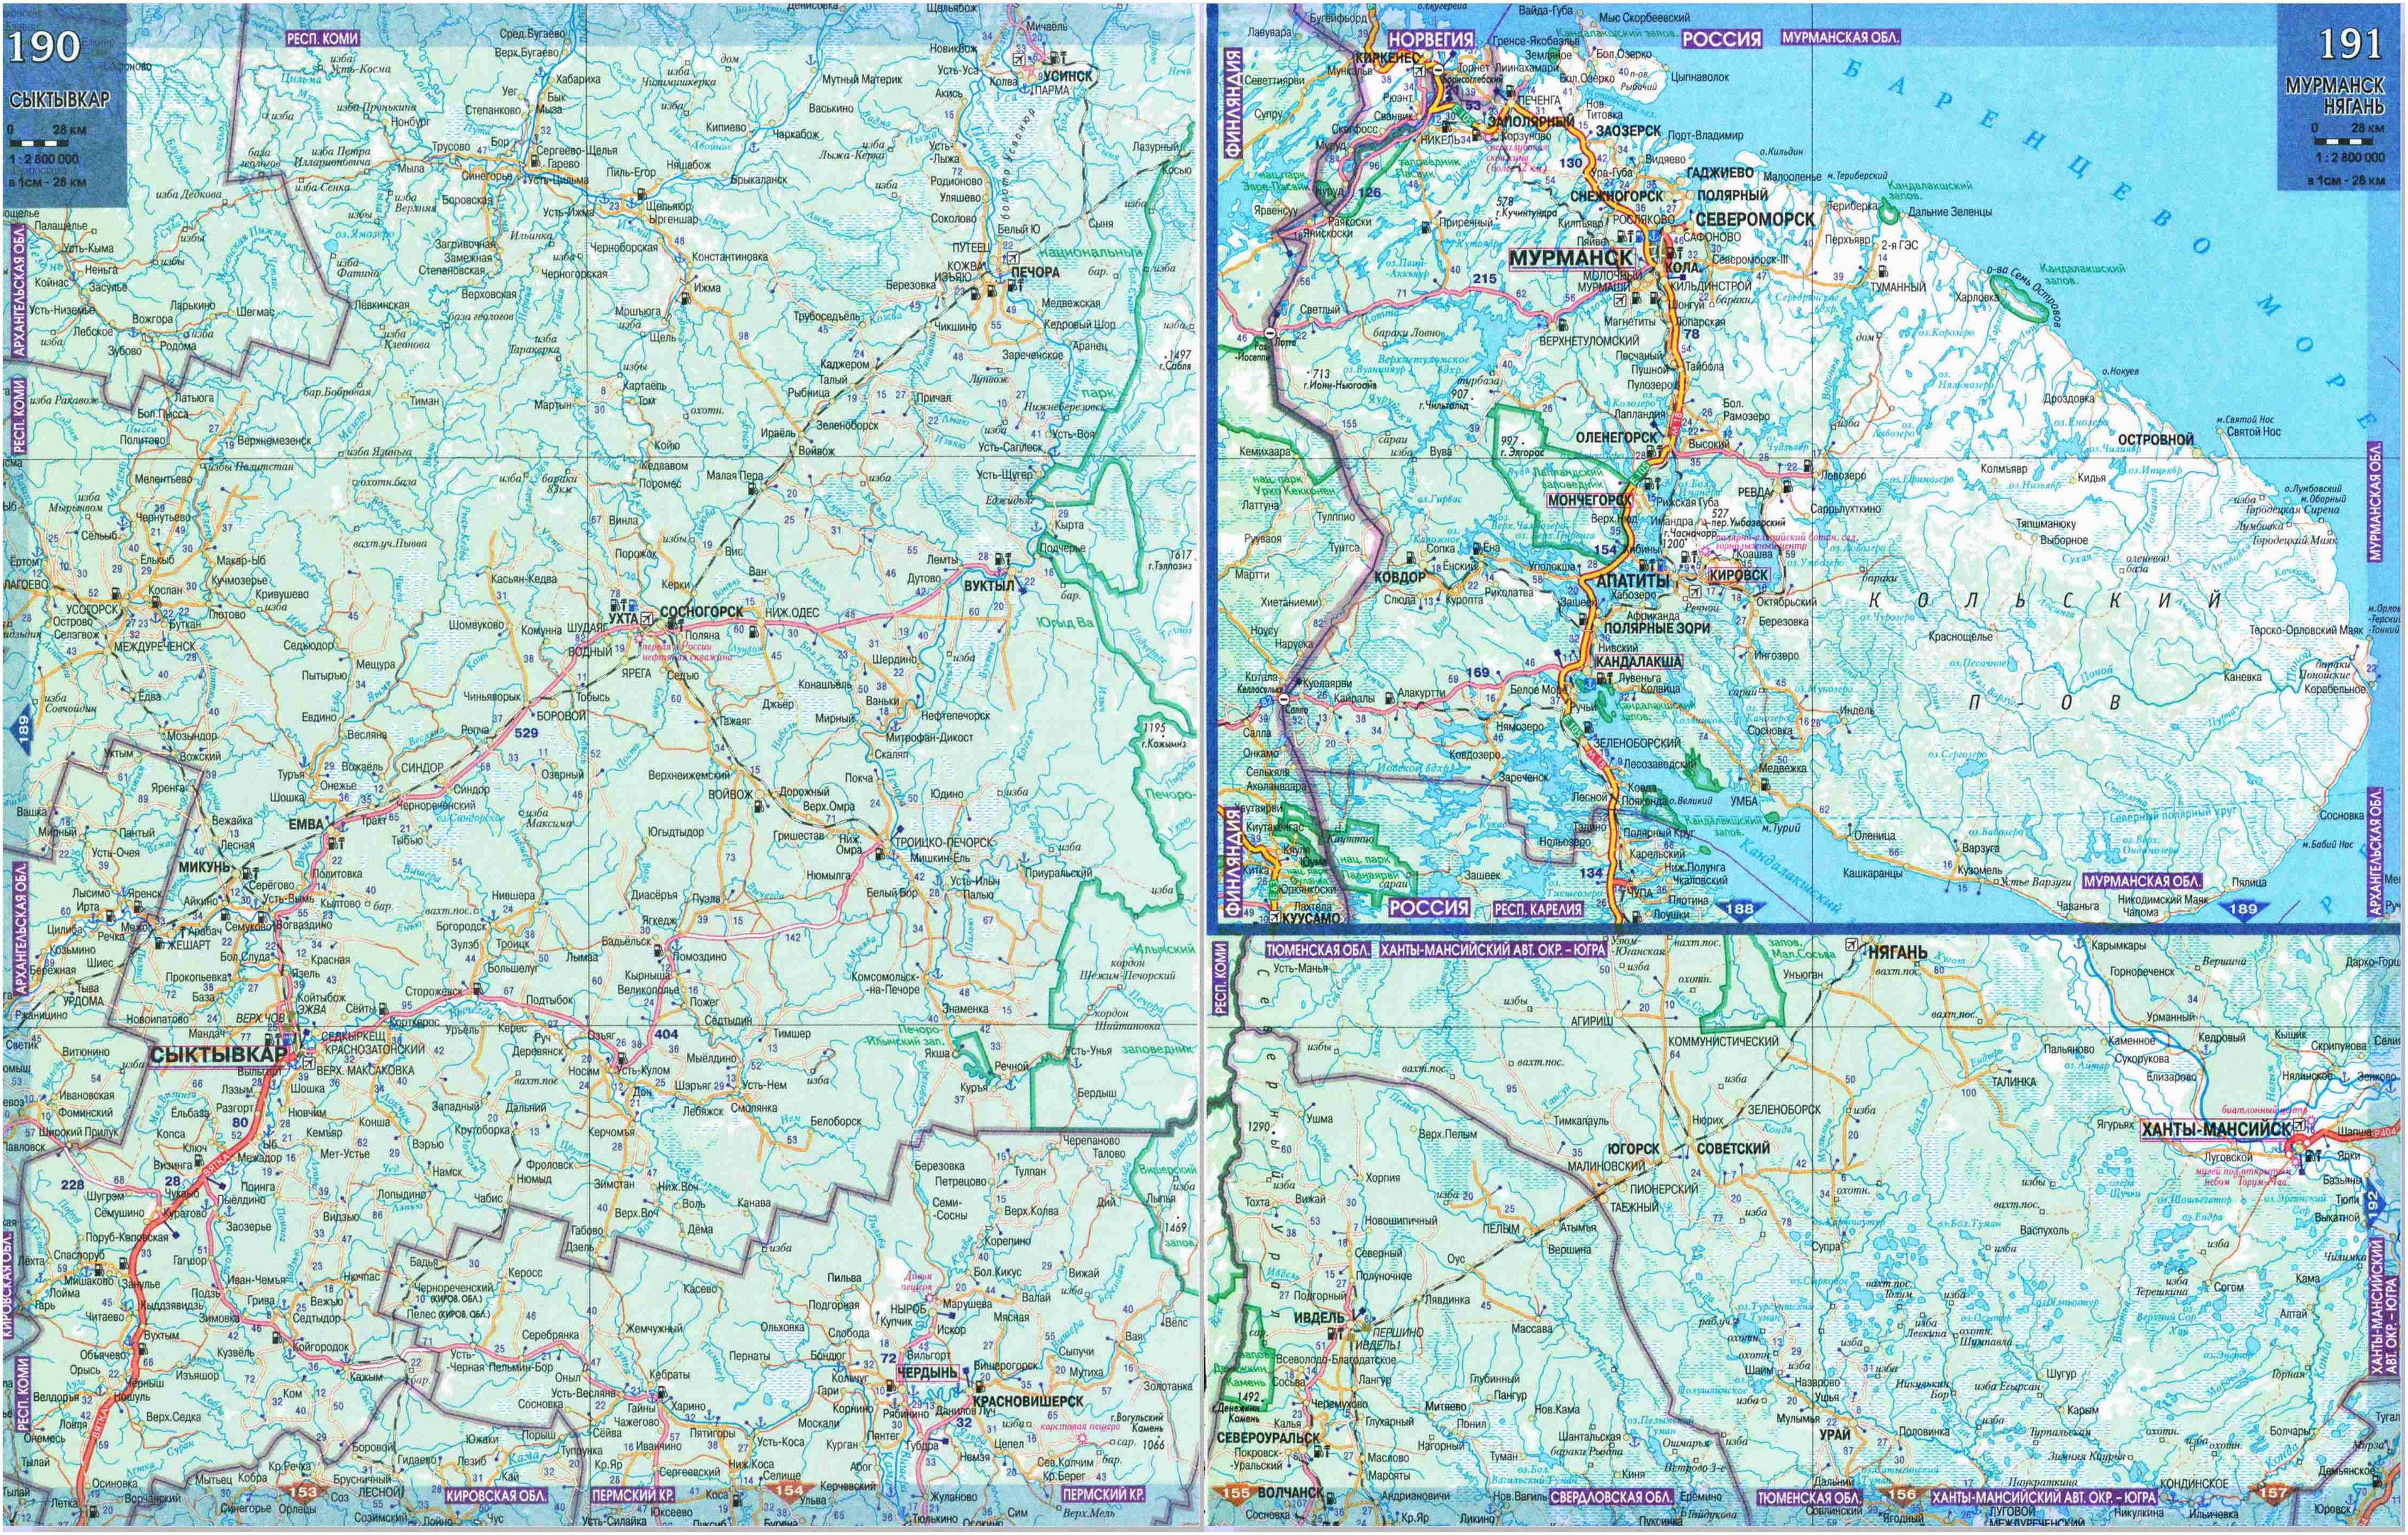 Карта Республики Коми. Карта автомобильных дорог Коми ...: http://rus-maps.com/?p=1221